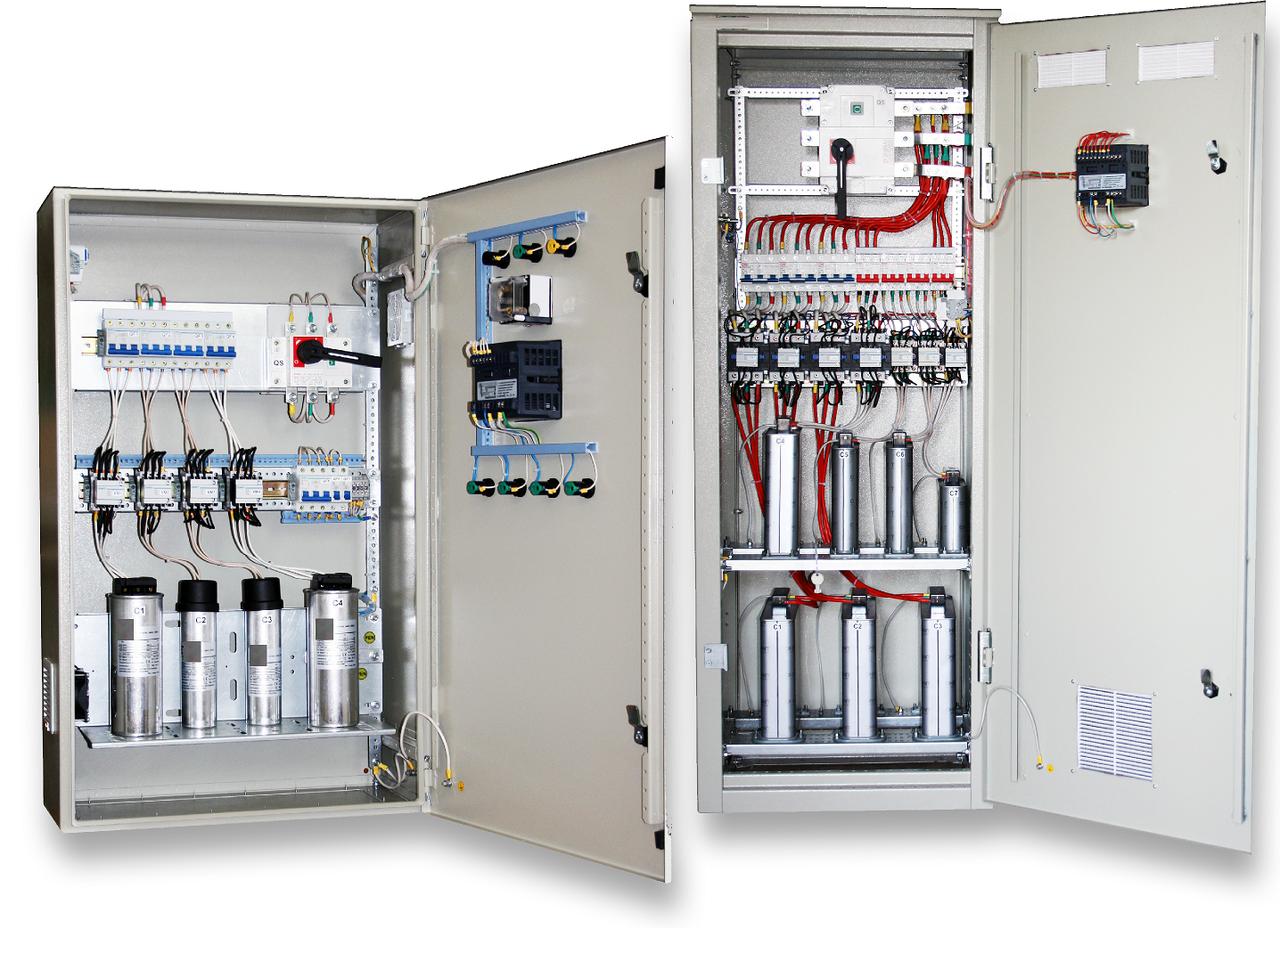 Конденсаторные установки УКРМ УКМ КРМ установка компенсации реактивной мощности